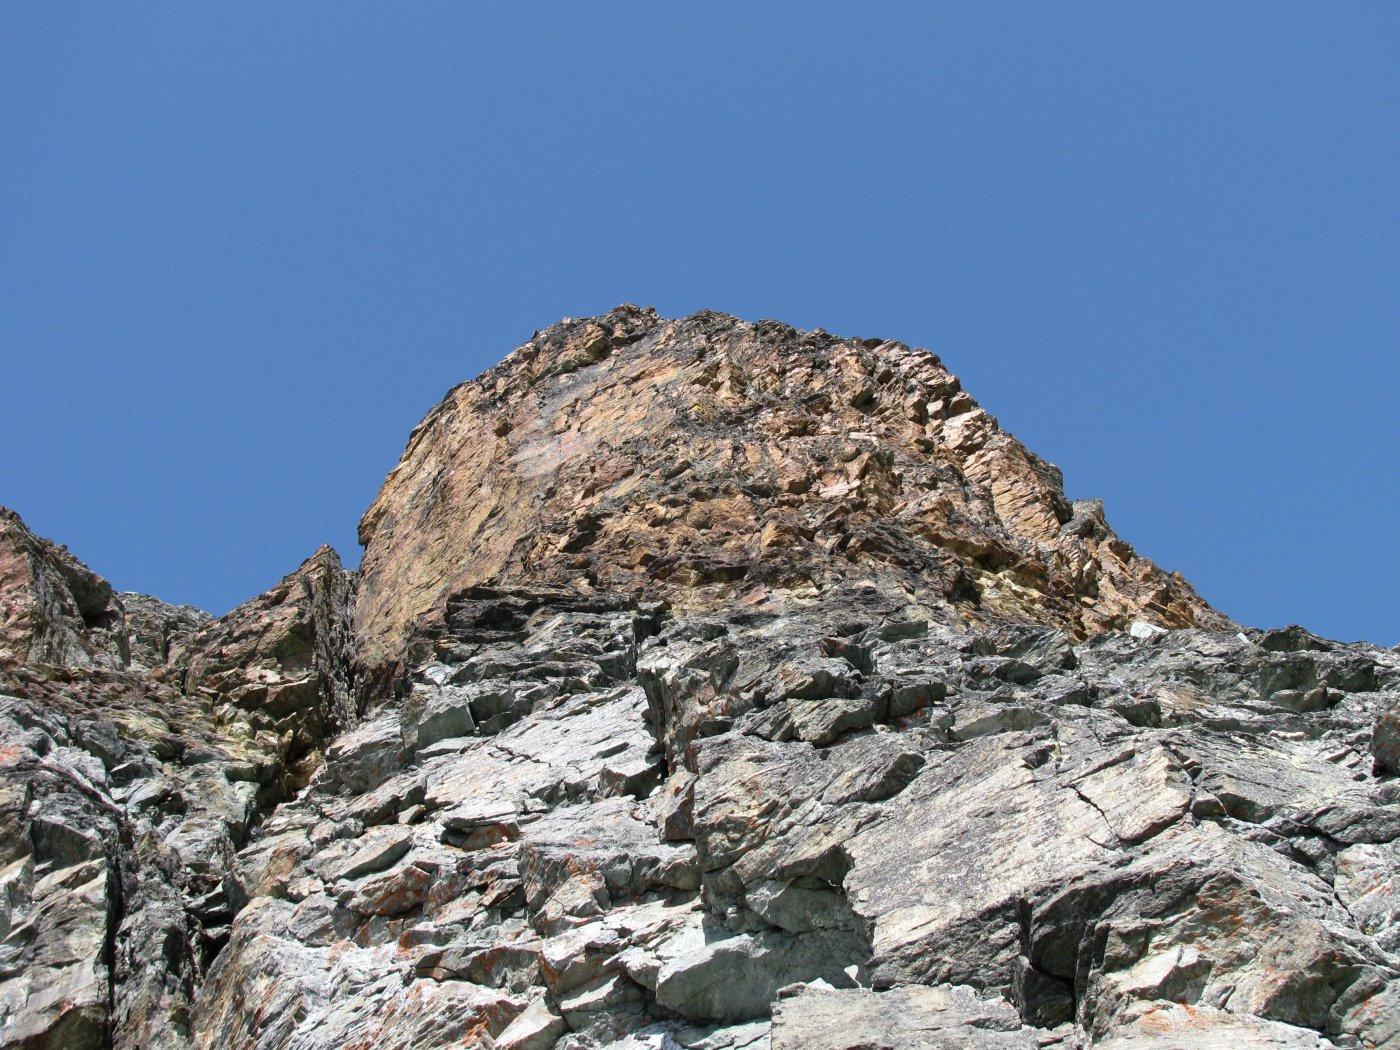 Le rocce rosse